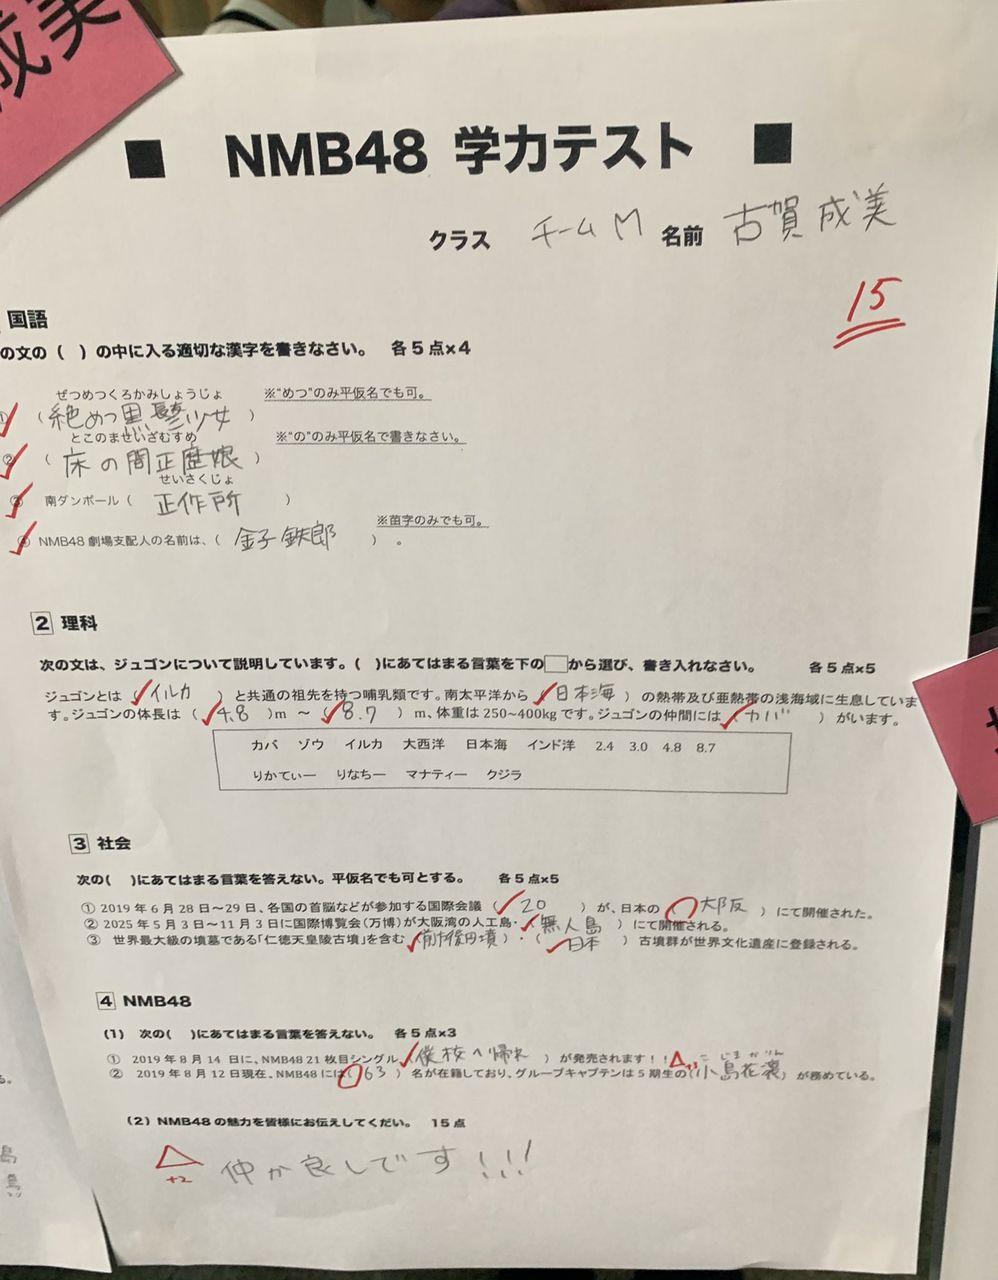 NMB48の学力テストを開催した結果wwwwwwwww